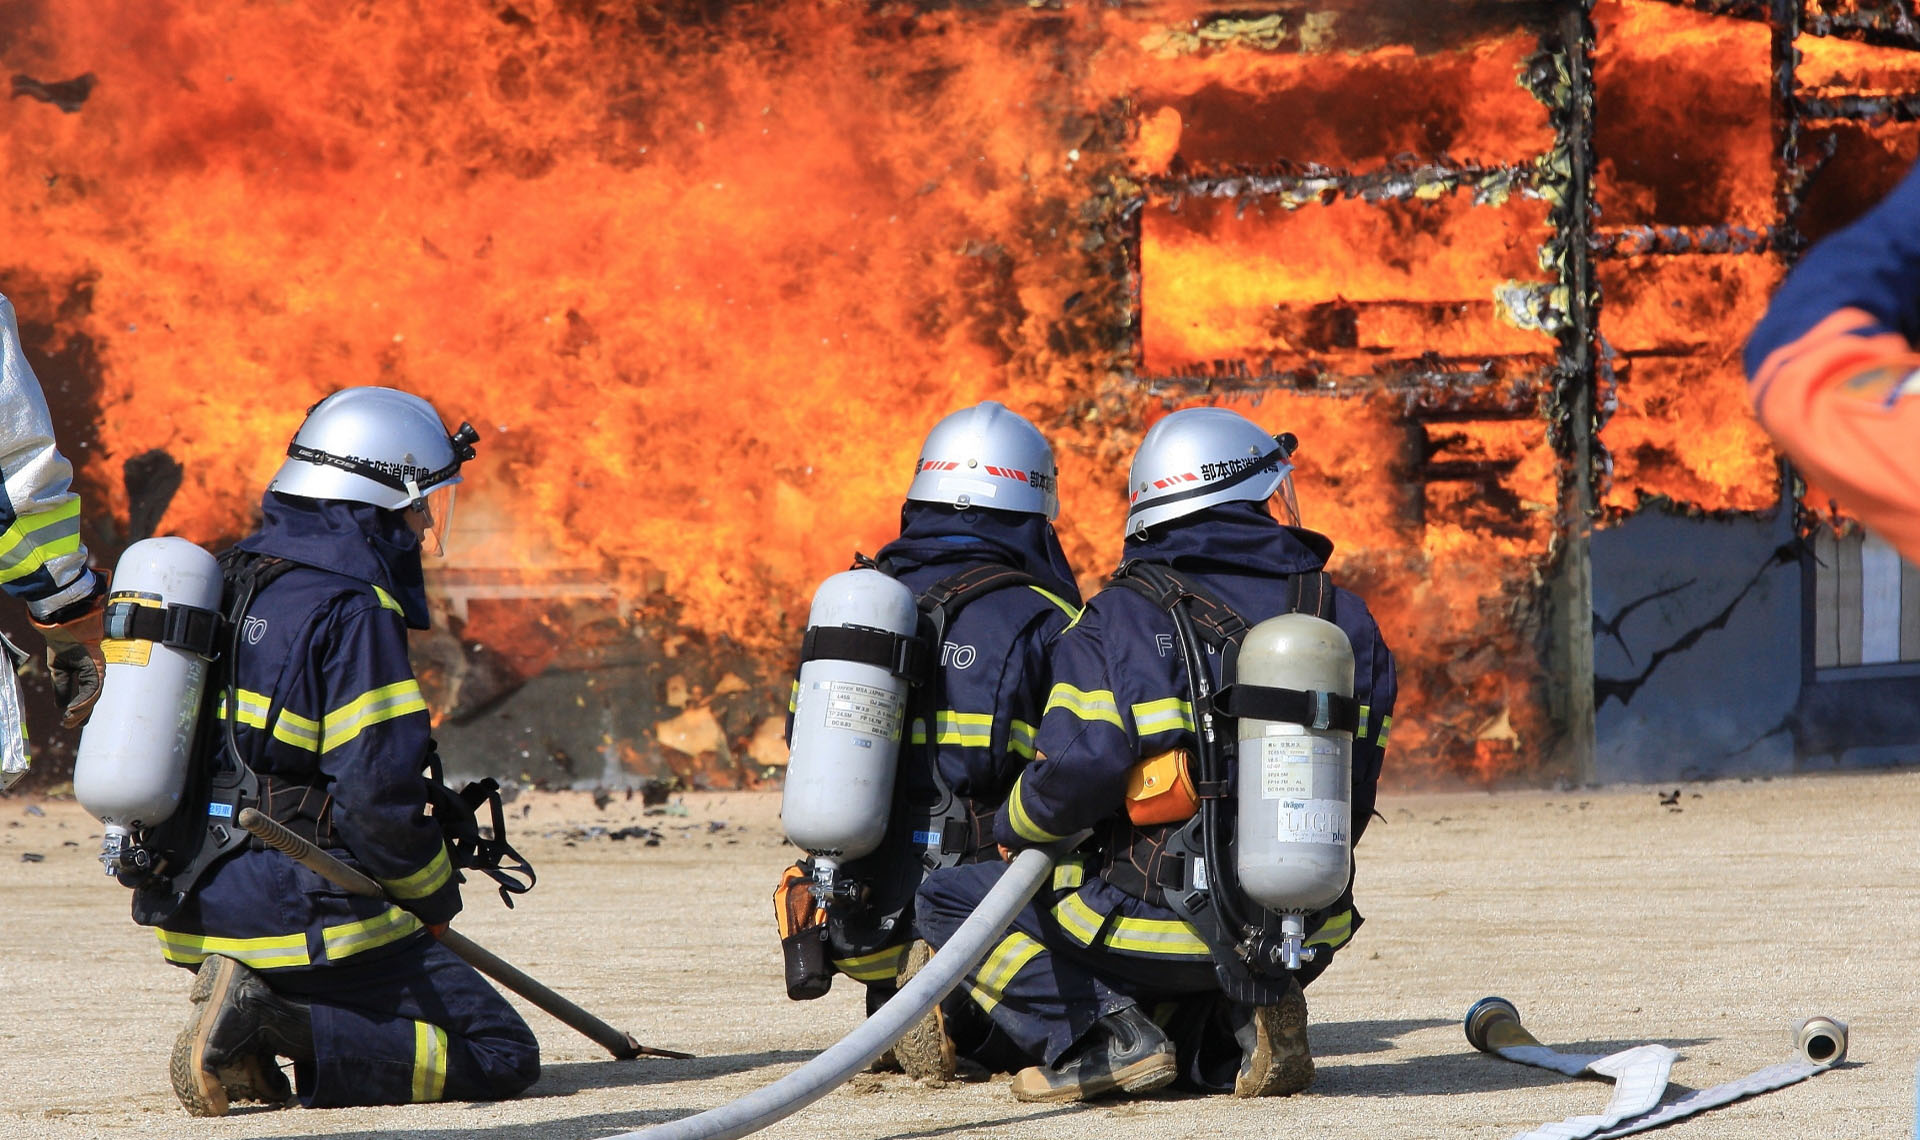 火災逃生怎麼做?快速判斷、安全自保這樣做!